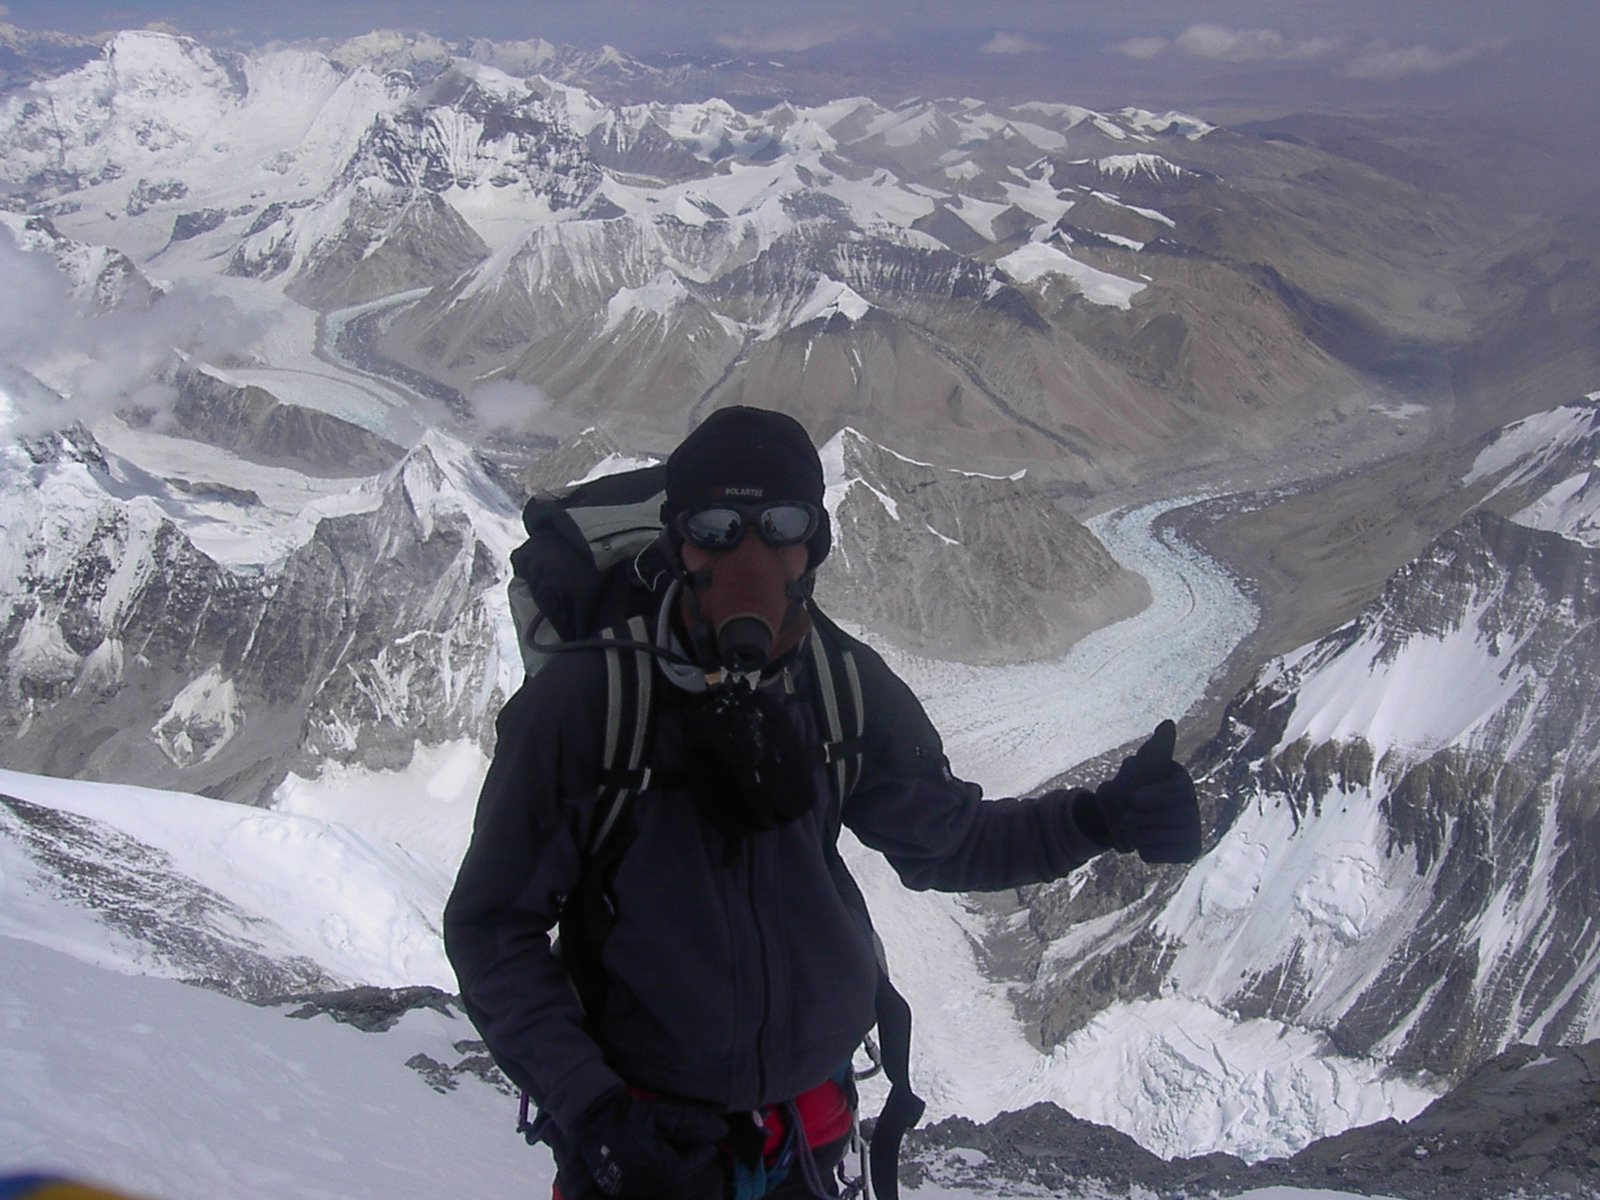 Snímek z vrcholového hřebene, 19. 8. 2005, 13:30:49